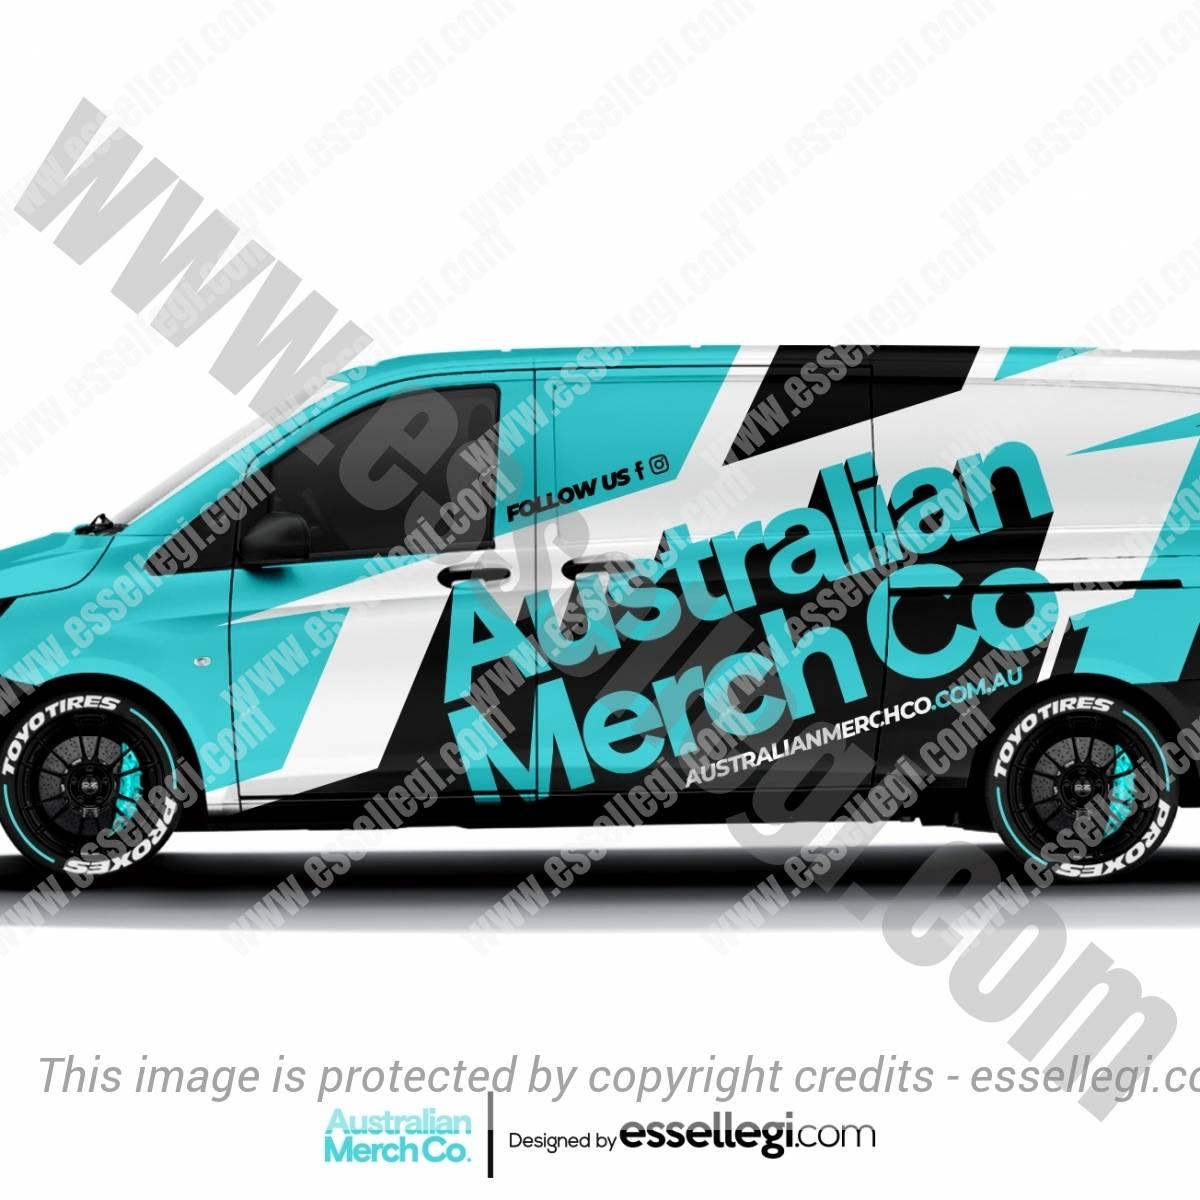 AUSTRALIAN MERCH CO. | VAN WRAP DESIGN 🇦🇺